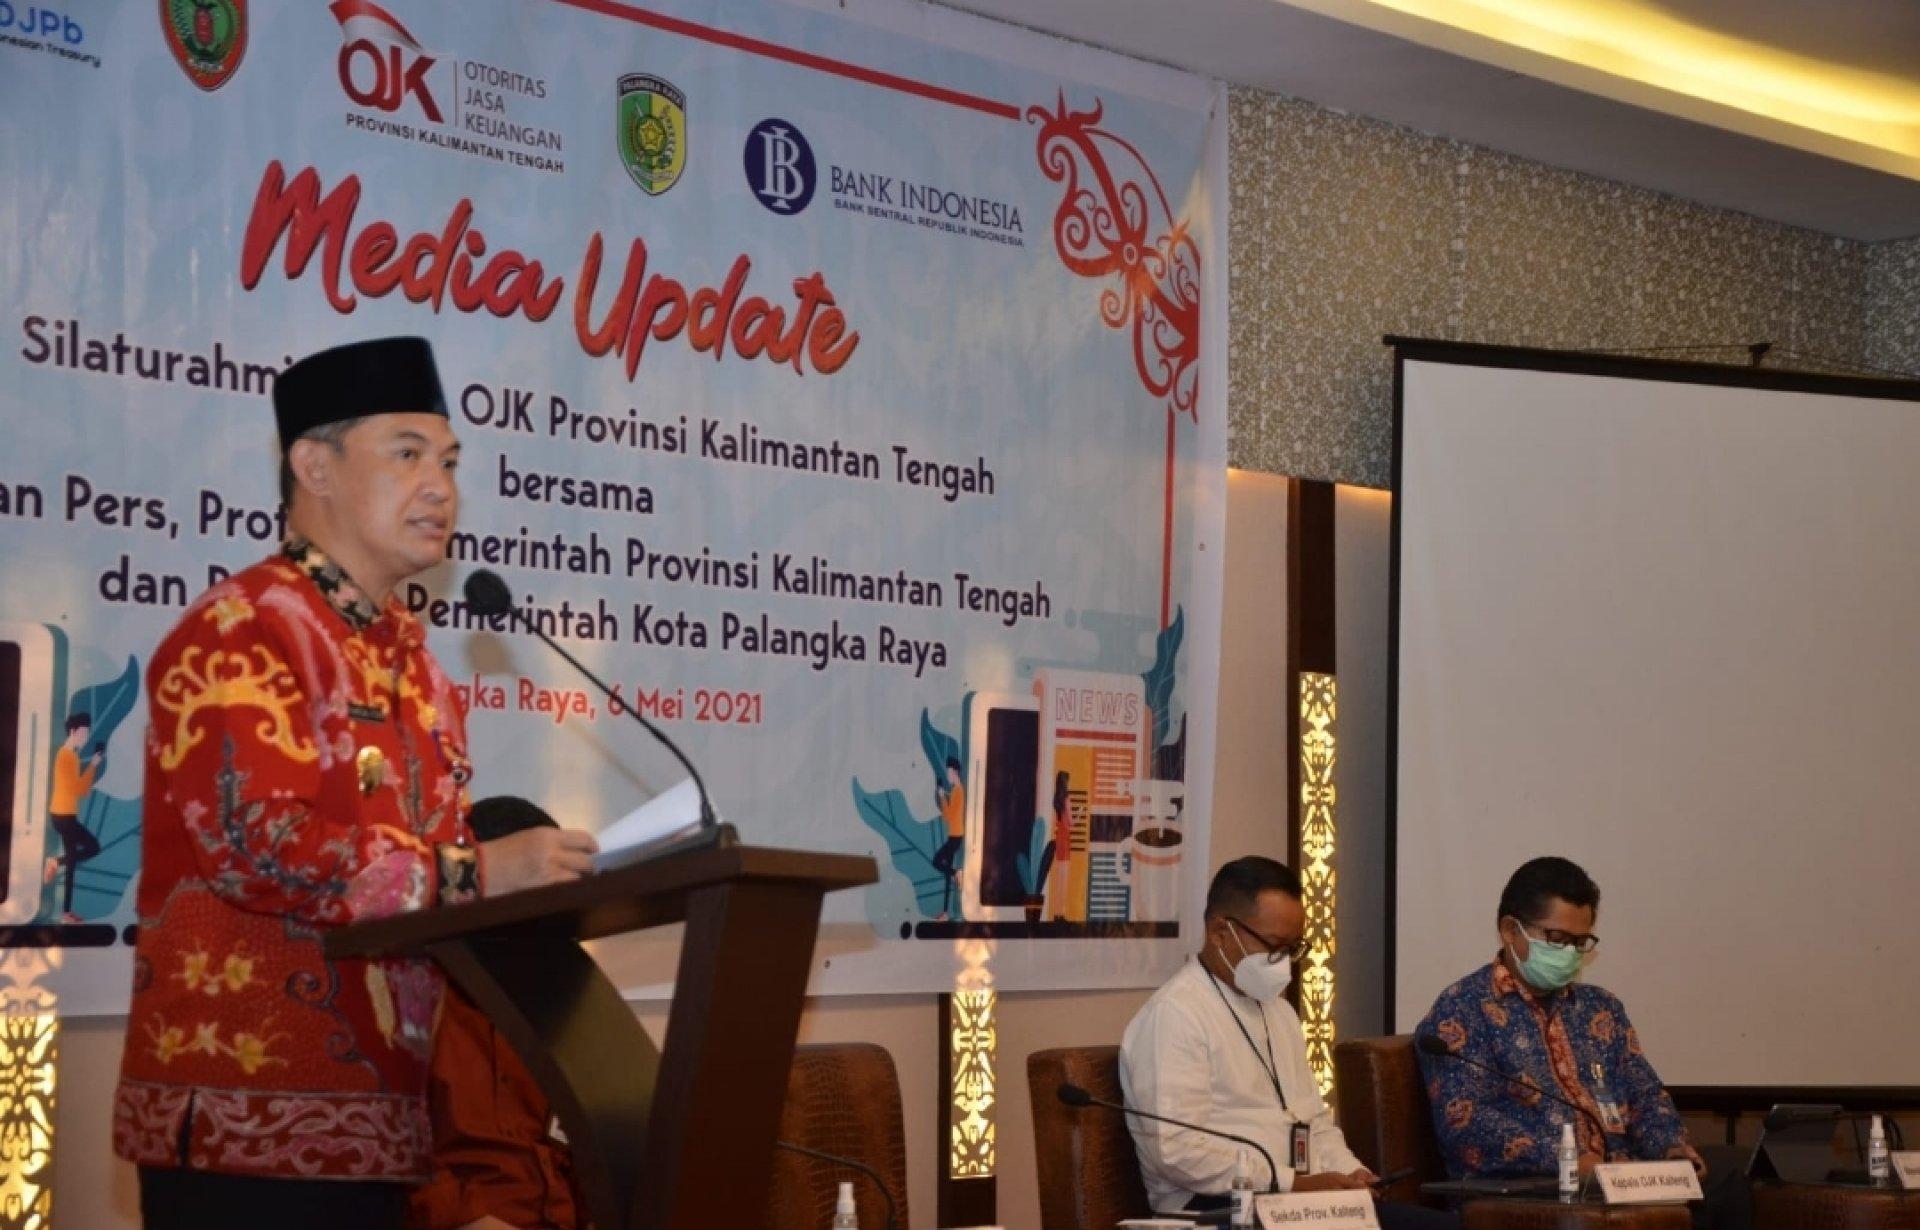 Buka Media Update OJK Kalteng, Sekda Tekankan Peran Penting Pers Dalam Pemberitaan Industri Jasa Keuangan